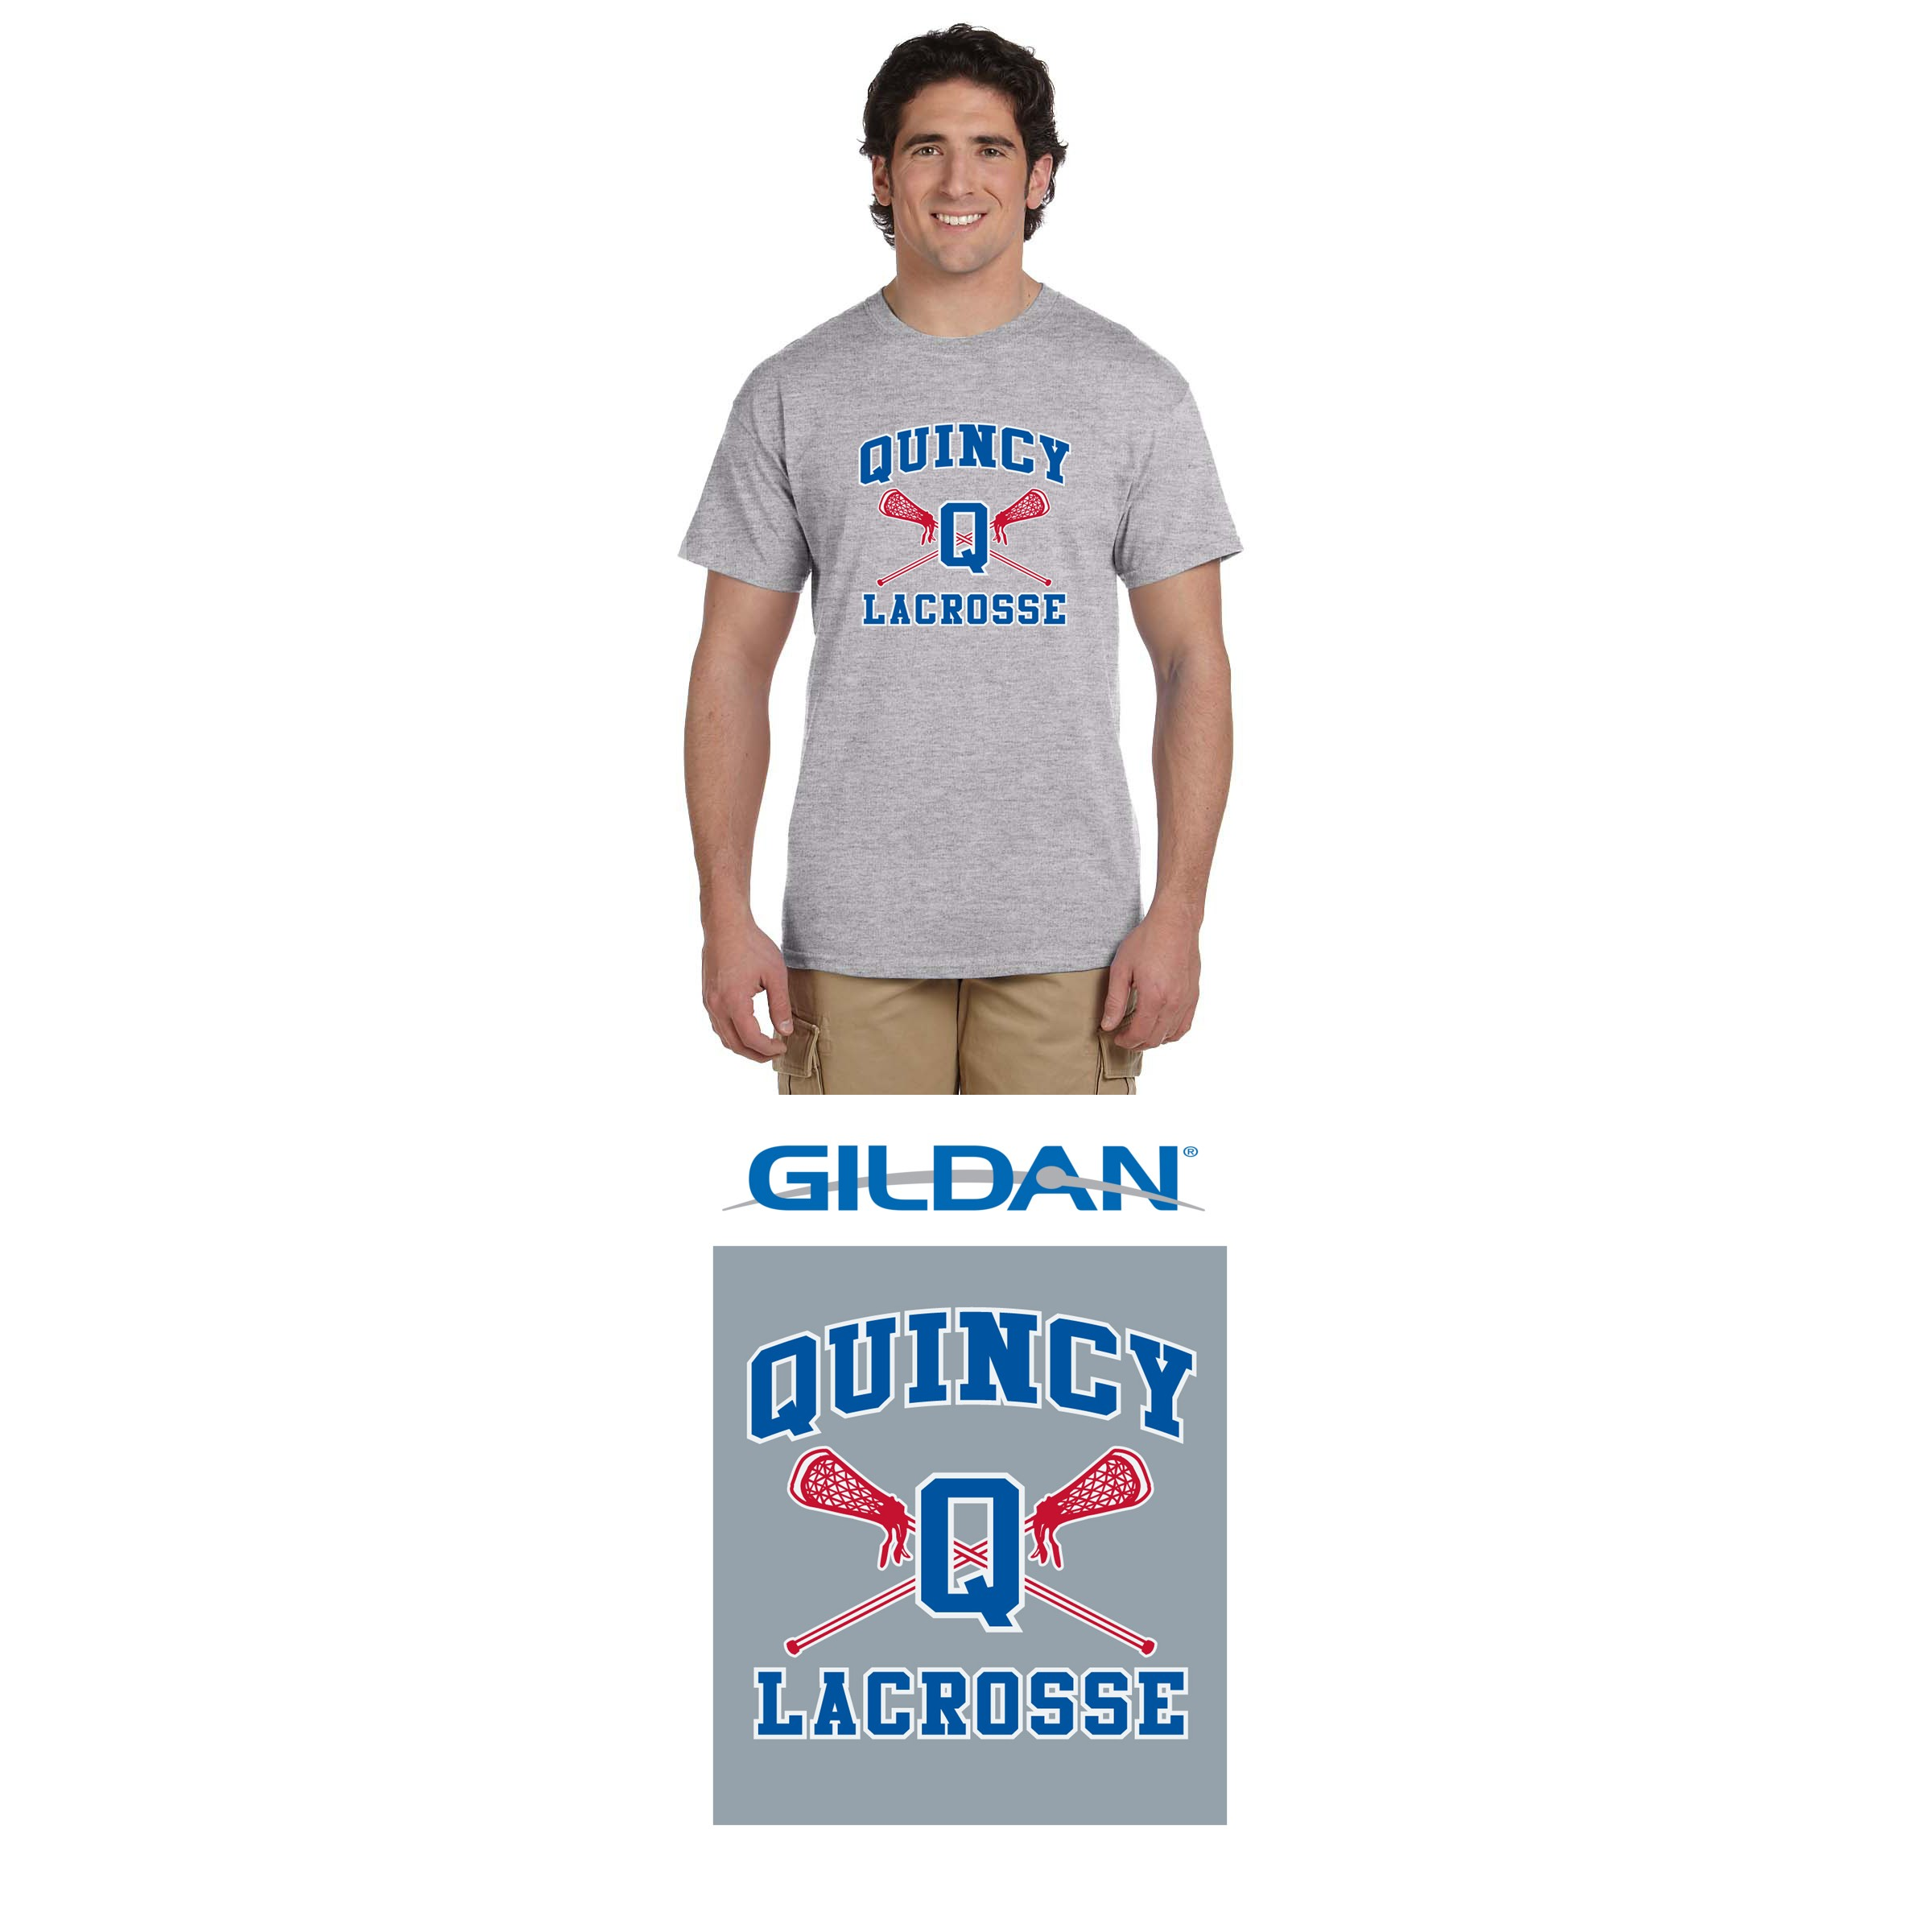 Quincy Lacrosse Gildan Ultra Cotton® 6 oz. T-Shirt, Men's/Adult Unisex Fit